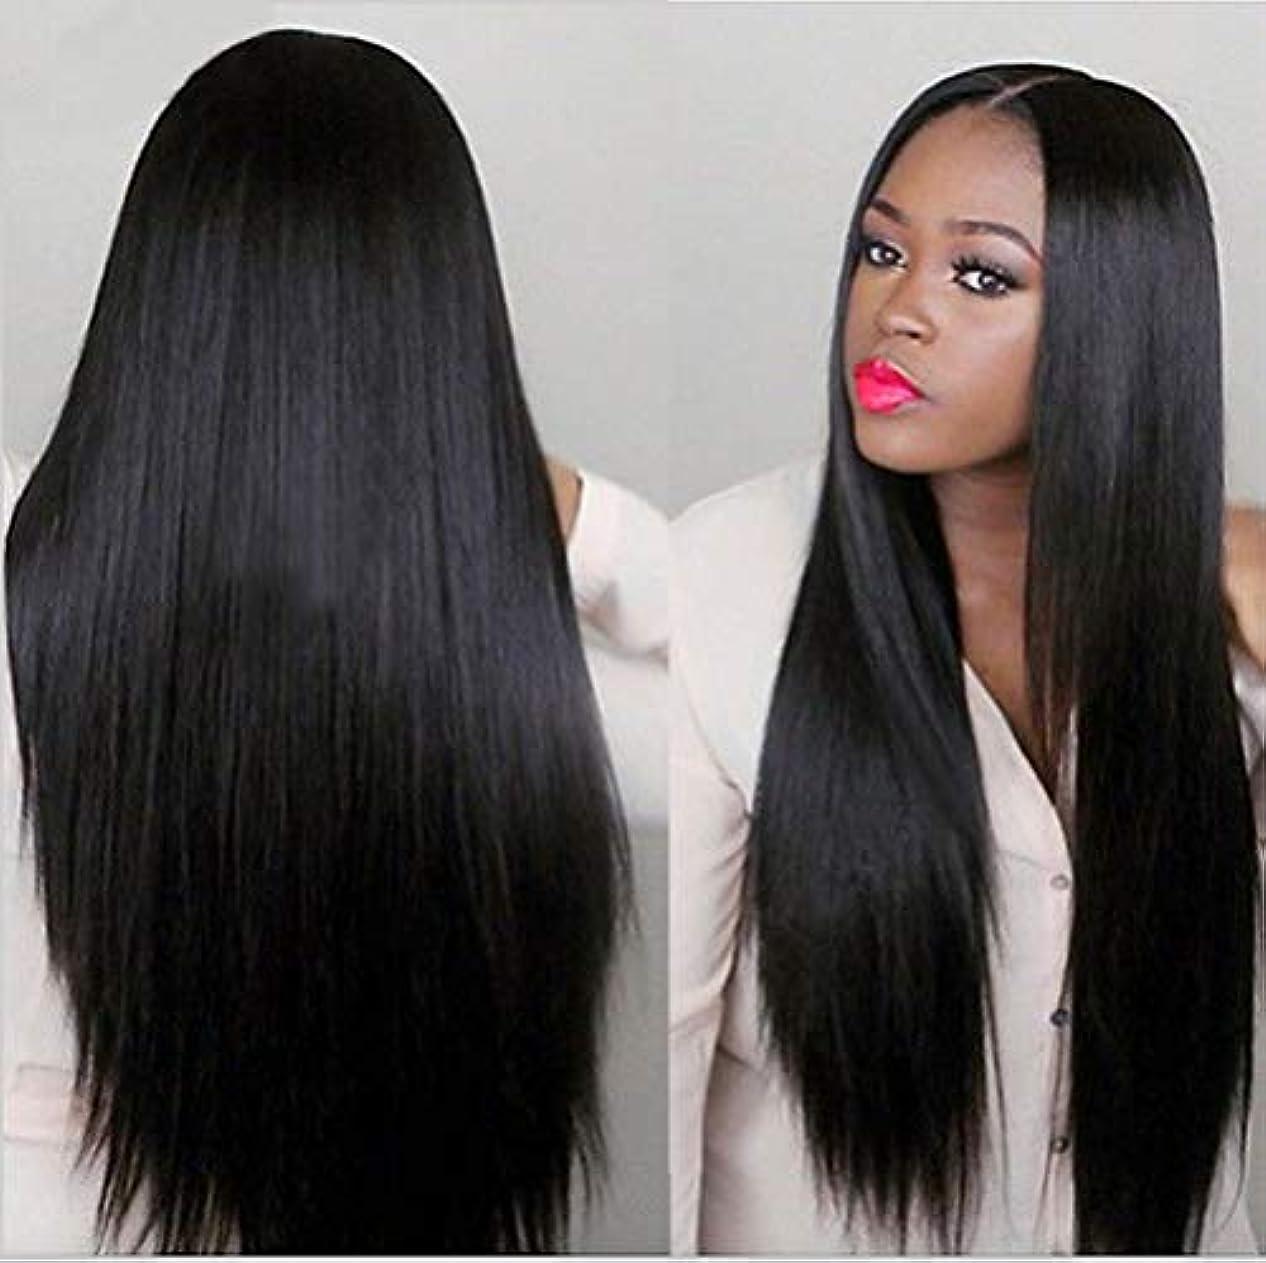 活性化する協定視聴者ブラジルのバージンヘアストレート100%未処理の人間の髪の毛ストレート100%の本物の人間の髪の毛を編む女性の髪